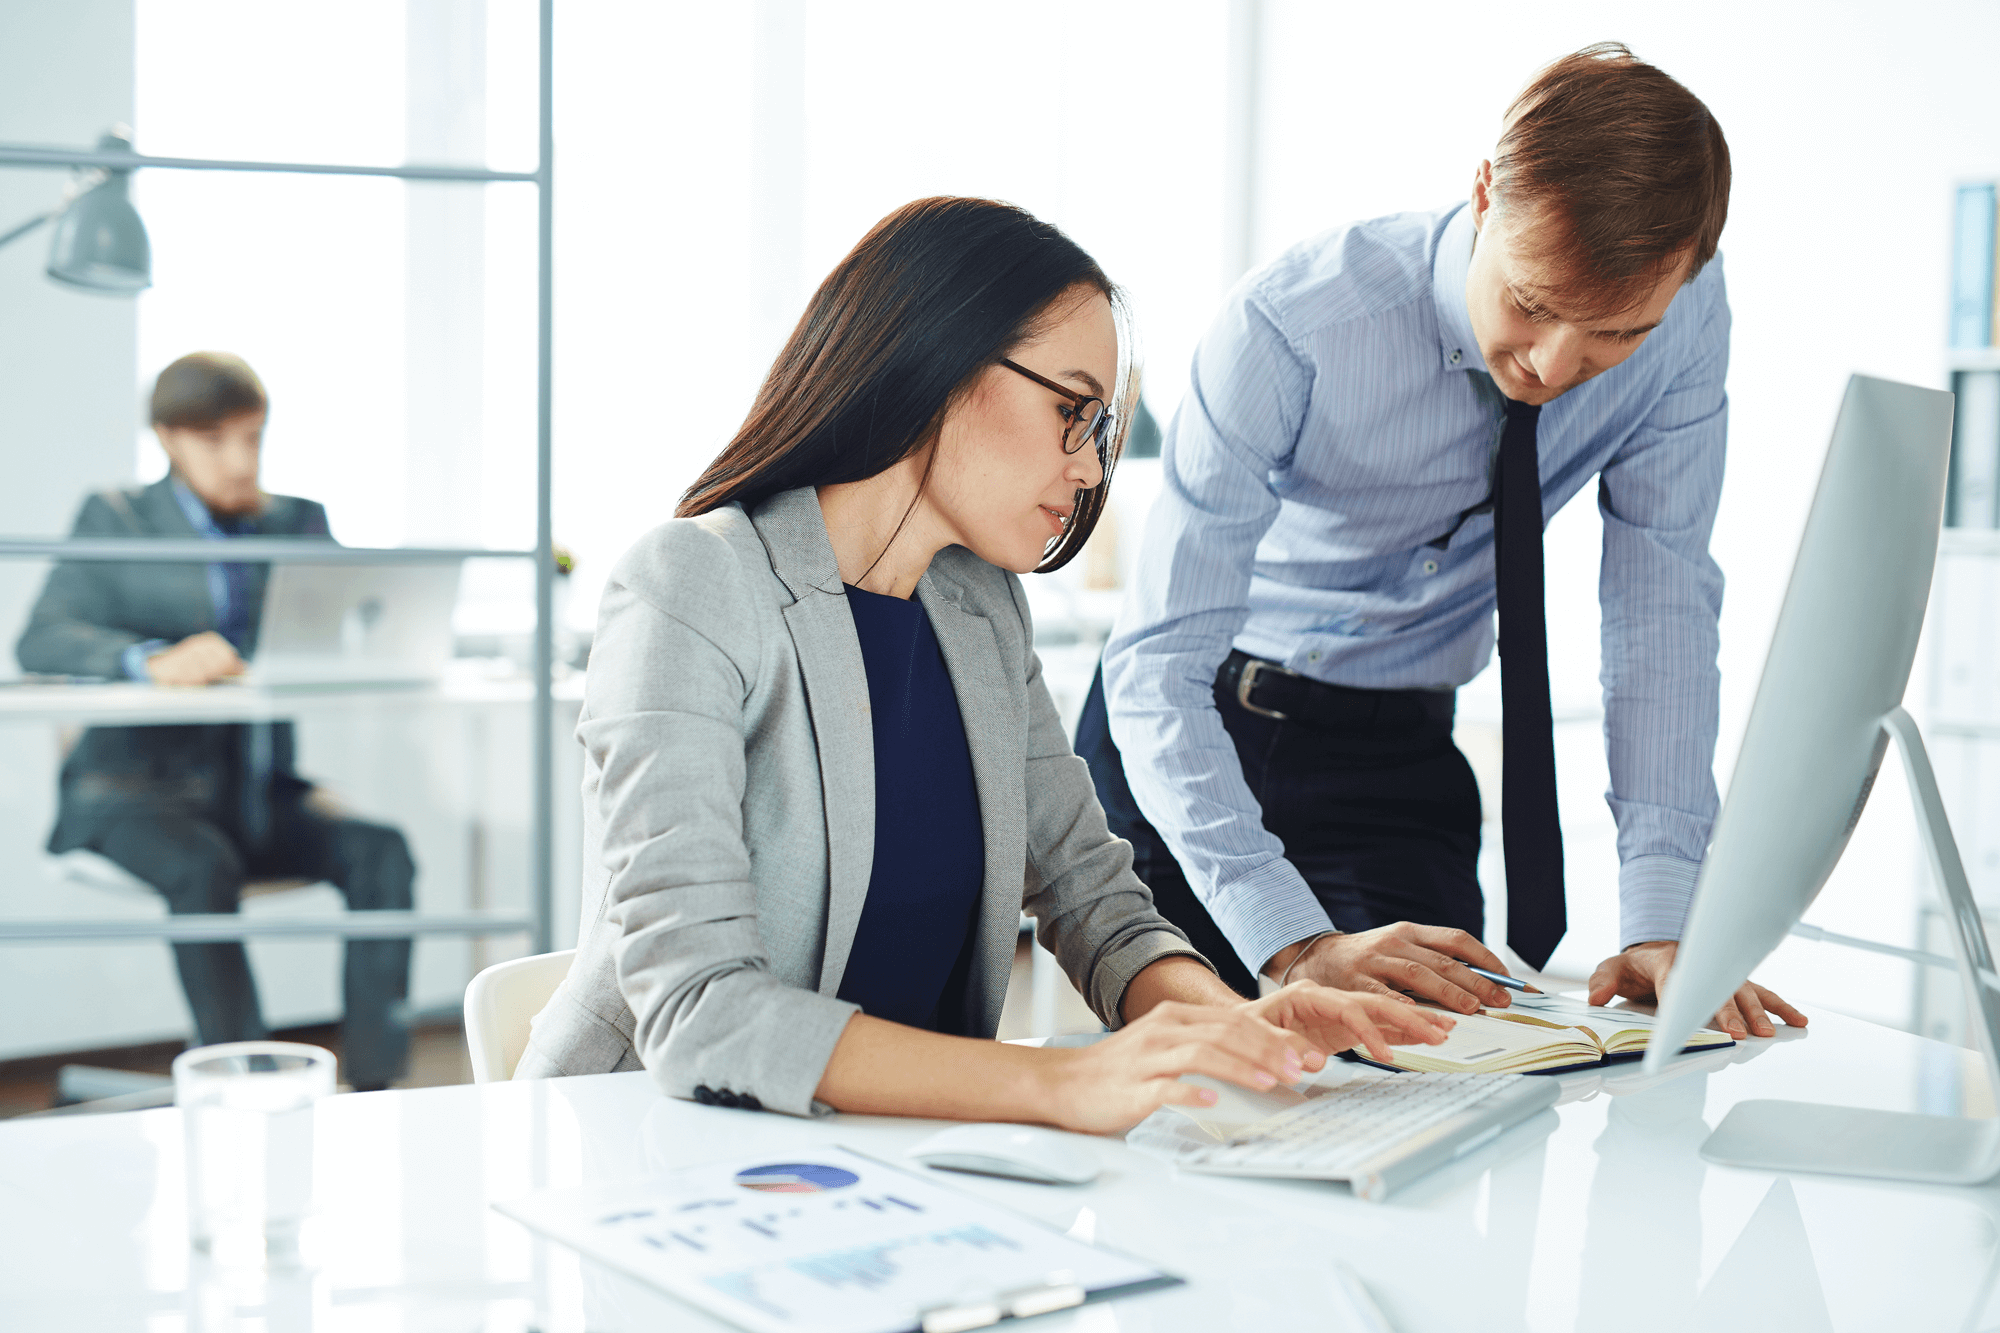 Informatie voor actie & analyse | Succesfactor #2 voor Analytics